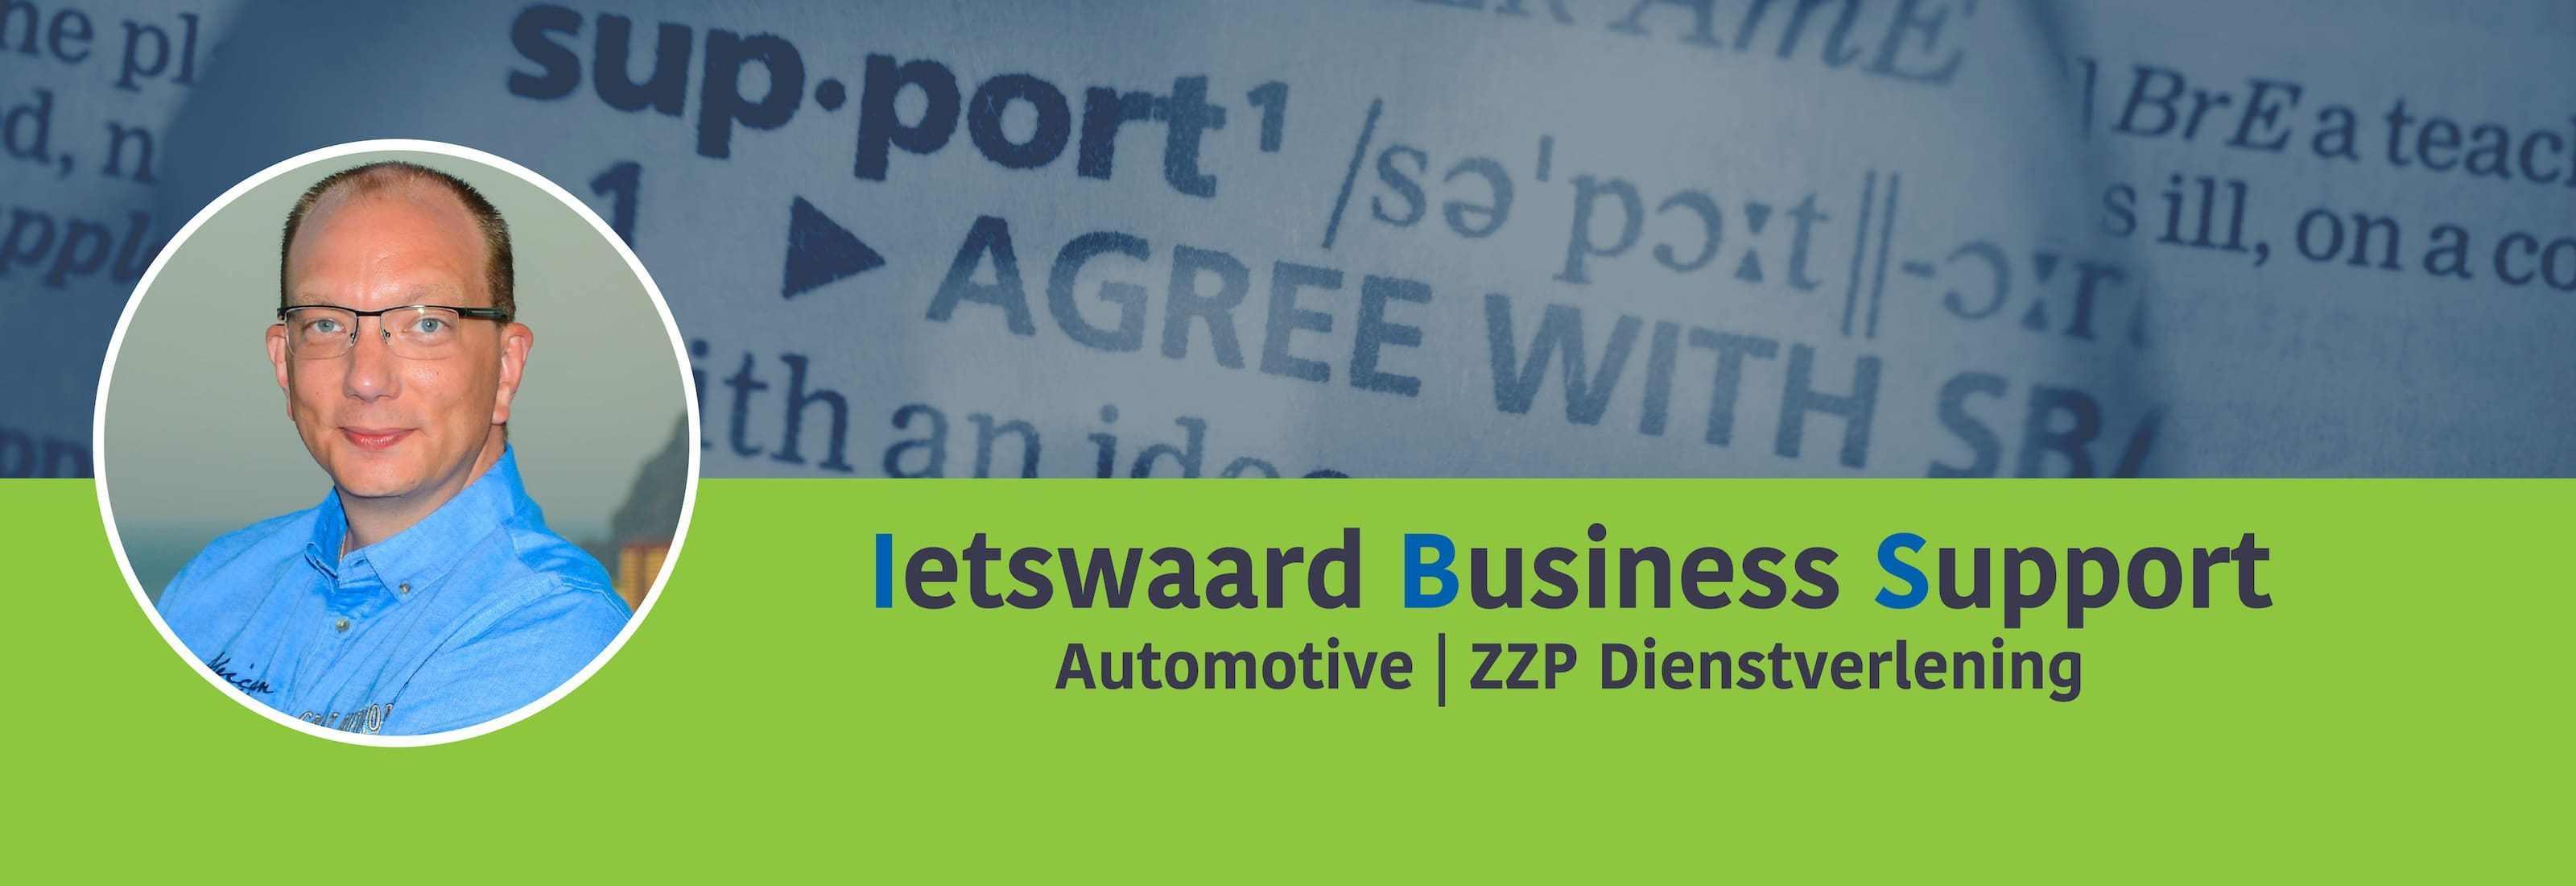 Ietswaard Support - VA Commercieel & Administratief Business Support in Alphen aan den Rijn